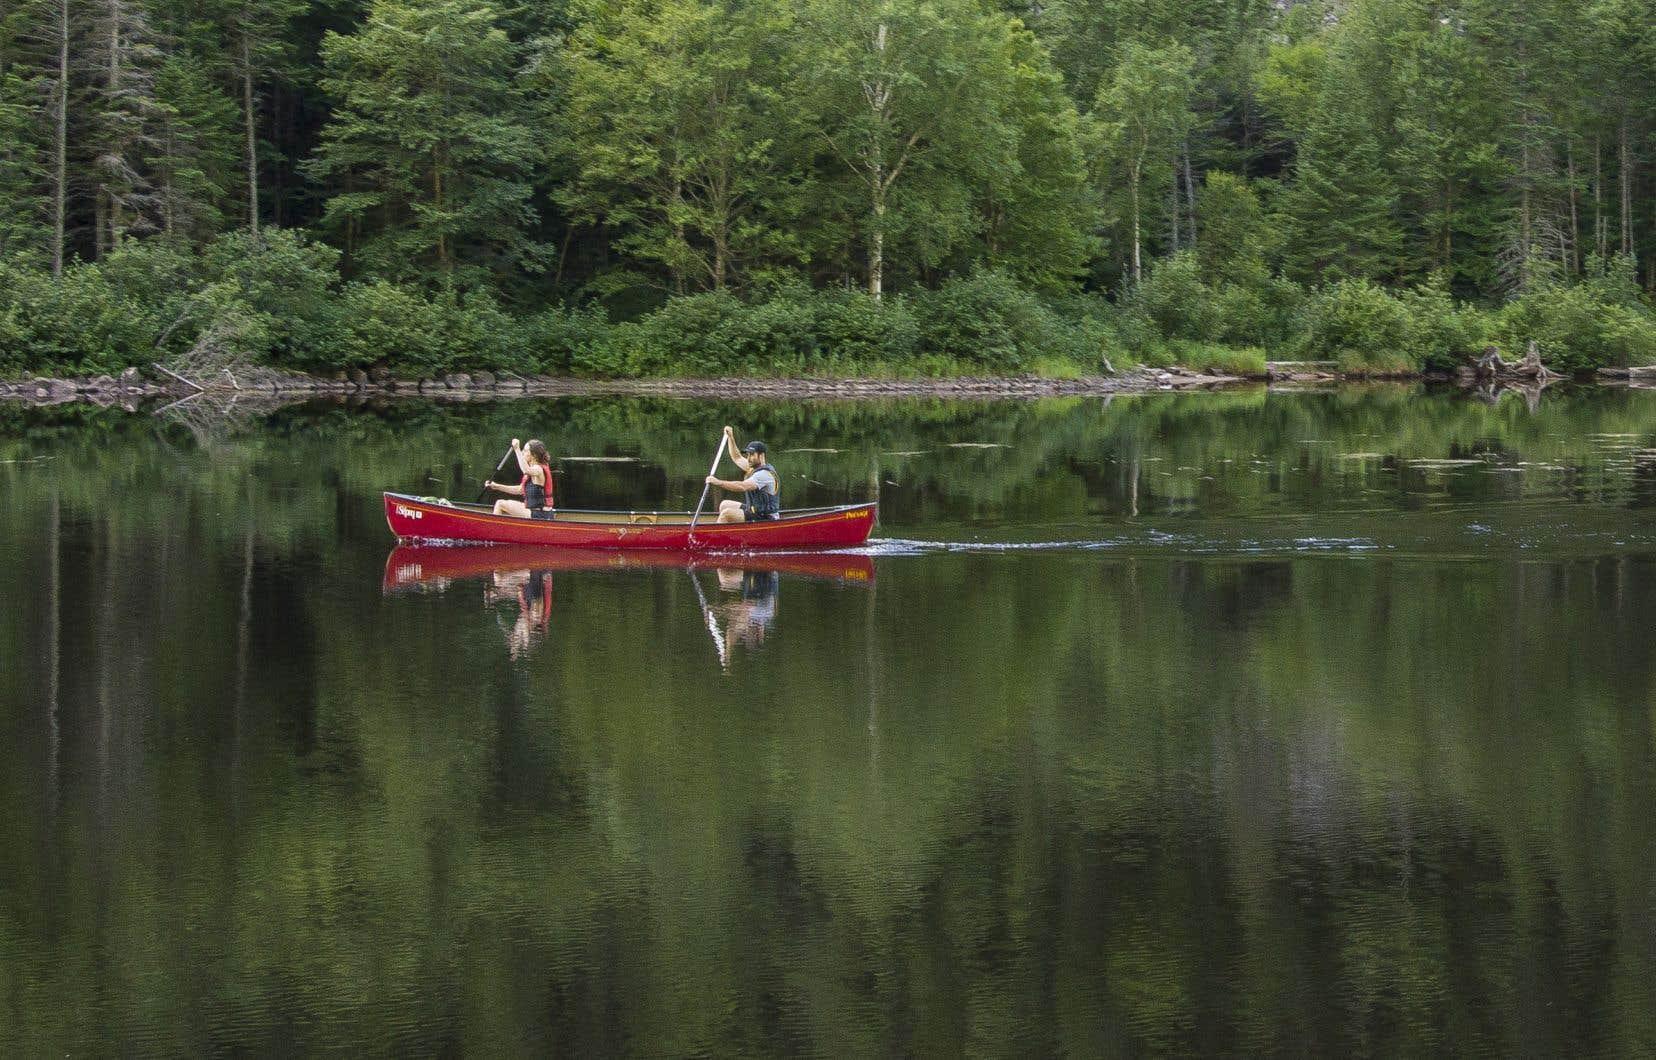 <p>Parmi les parcs touchés par la grève de la SÉPAQ, on compte les parcs nationaux du Bic, de la Gaspésie, des îles-de-Boucherville, du Mont-Mégantic et du Mont-Saint-Bruno.</p>